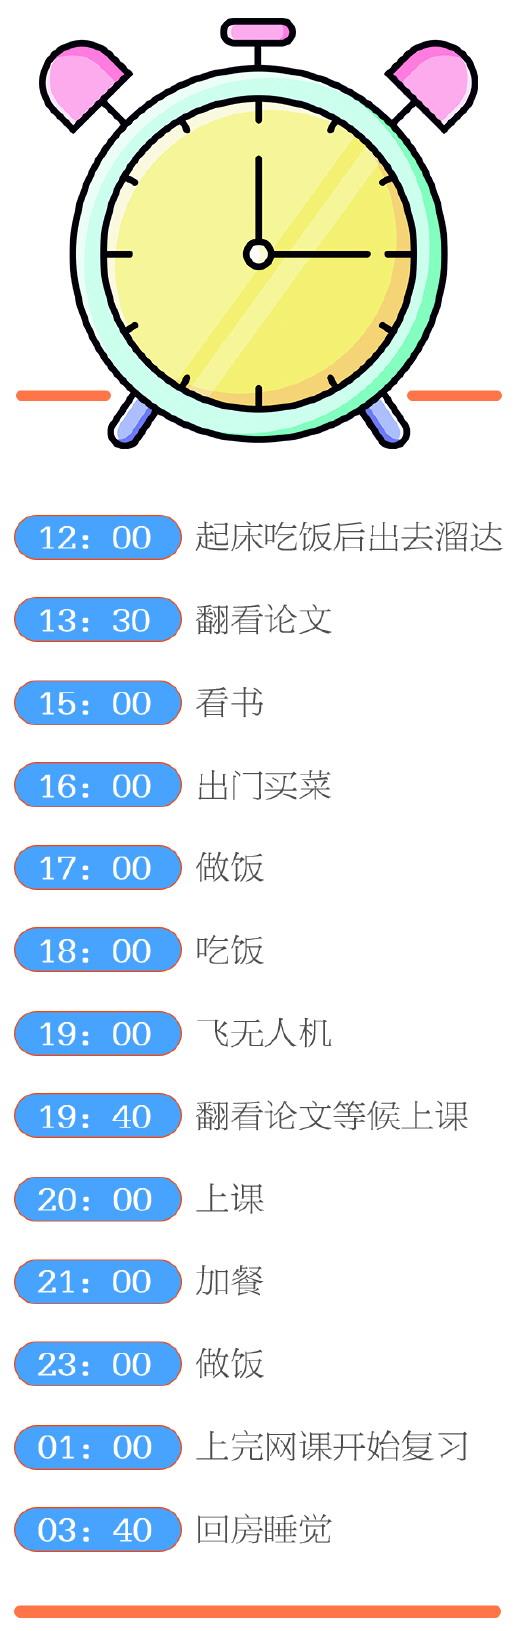 中国留学生卞楷清的国内24小时:夜宵变早餐 熬出黑眼圈